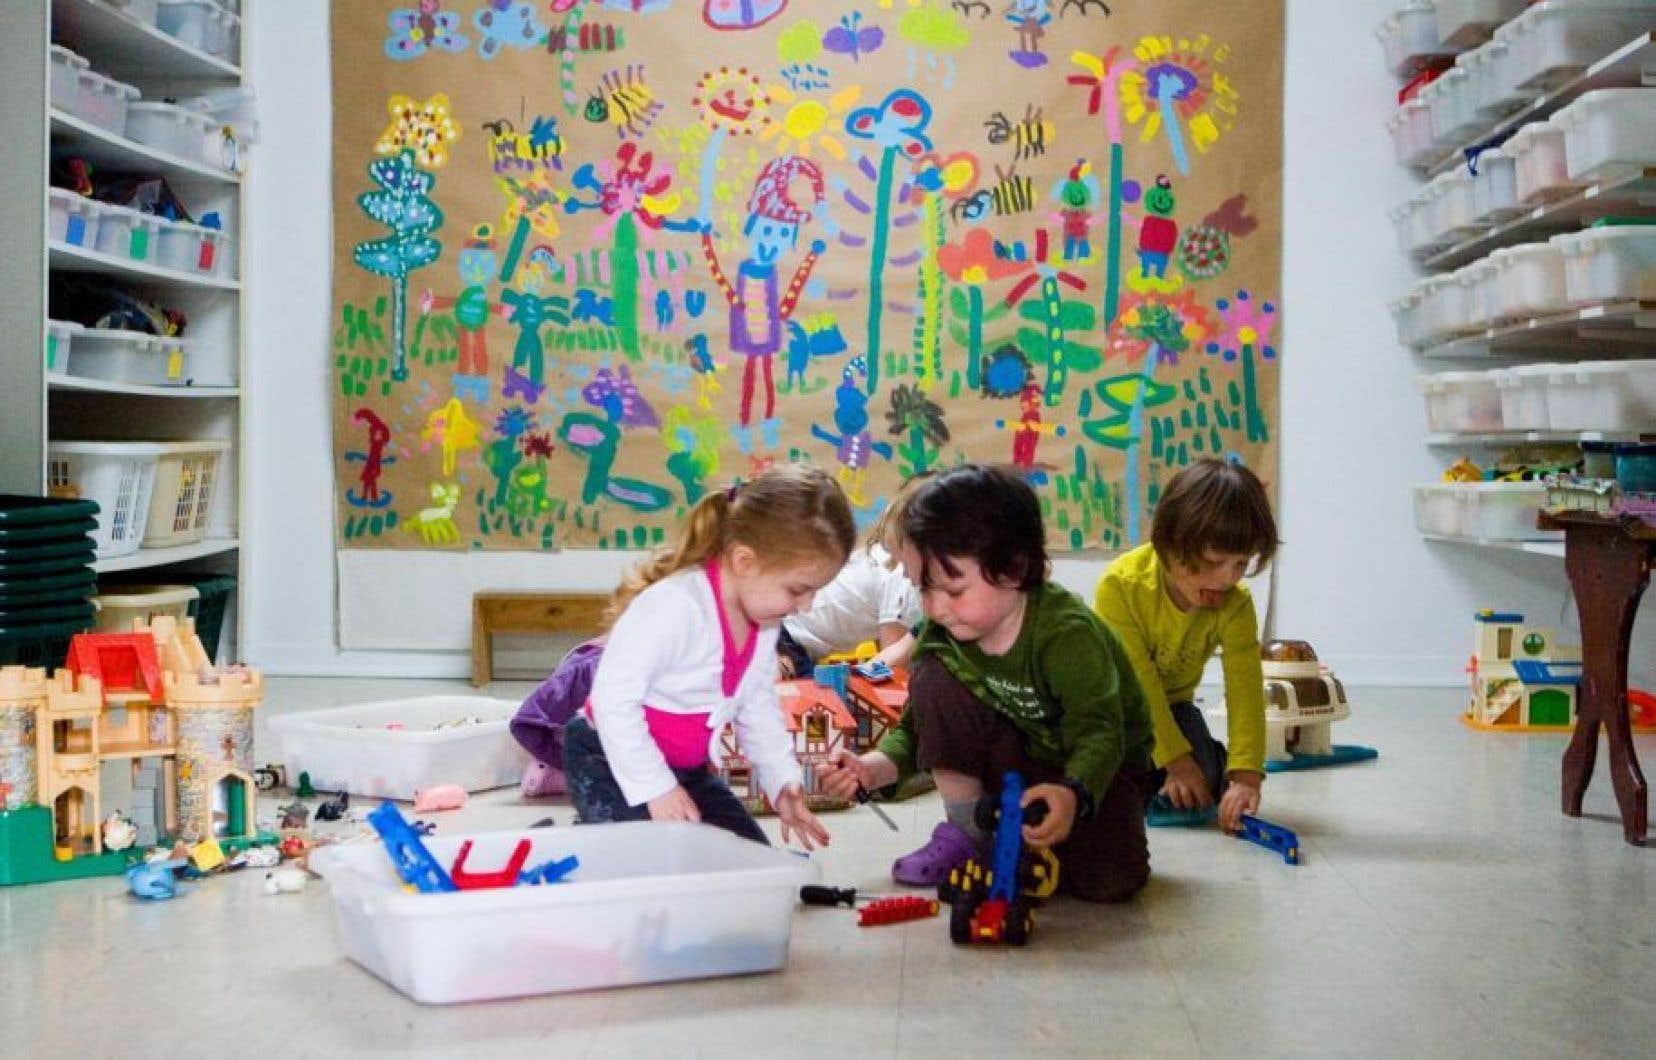 La ministre de la Famille, Francine Charbonneau, aurait affirmé récemment qu'il n'y avait pas de différence entre un service de garde en Centre de la petite enfance et une garderie commerciale.